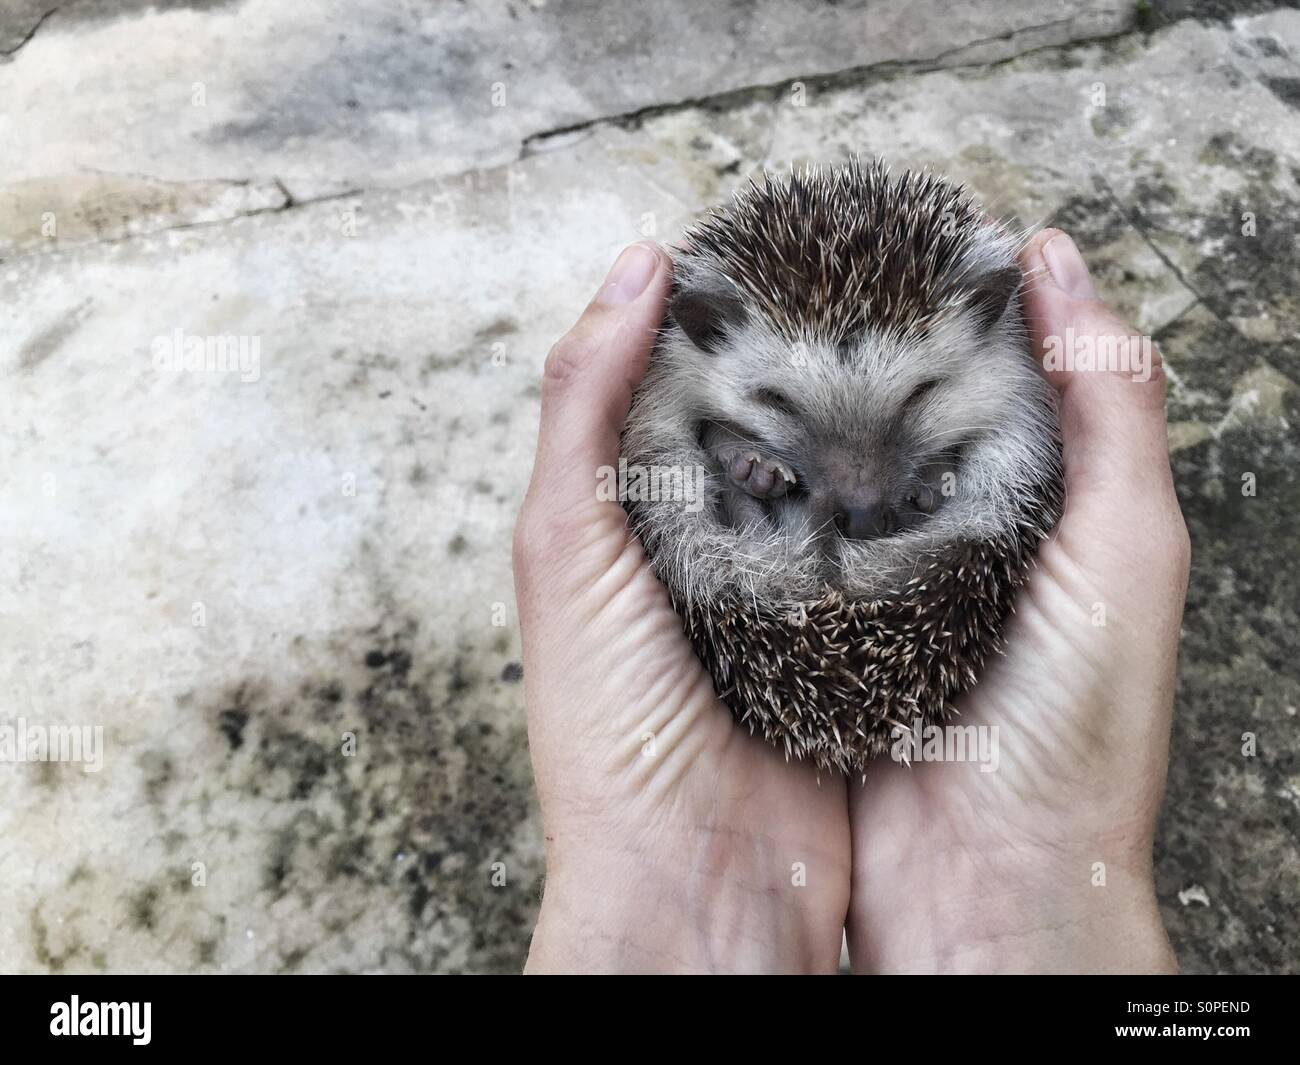 Hedgehog in hands - Stock Image